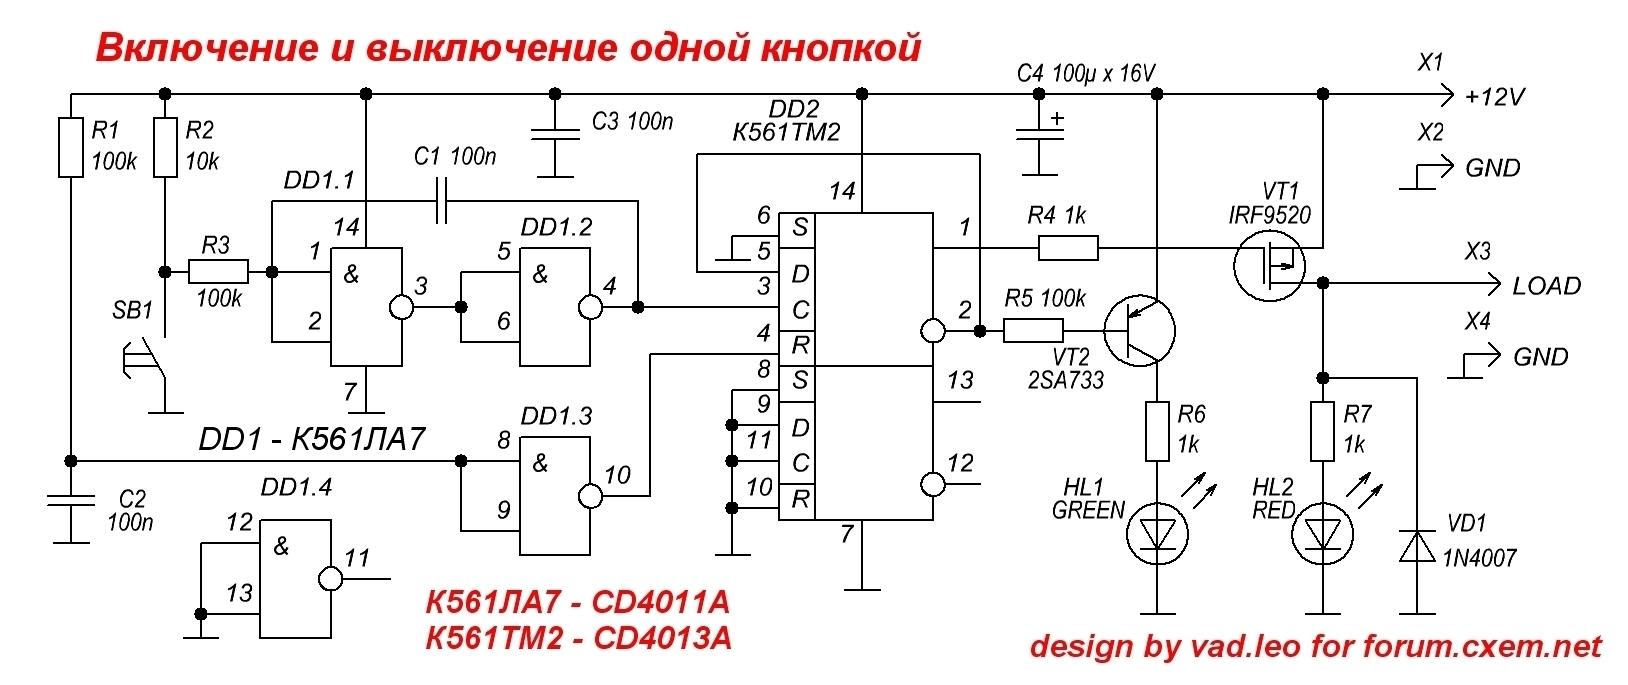 Схема плавного розжига галогеновых ламп